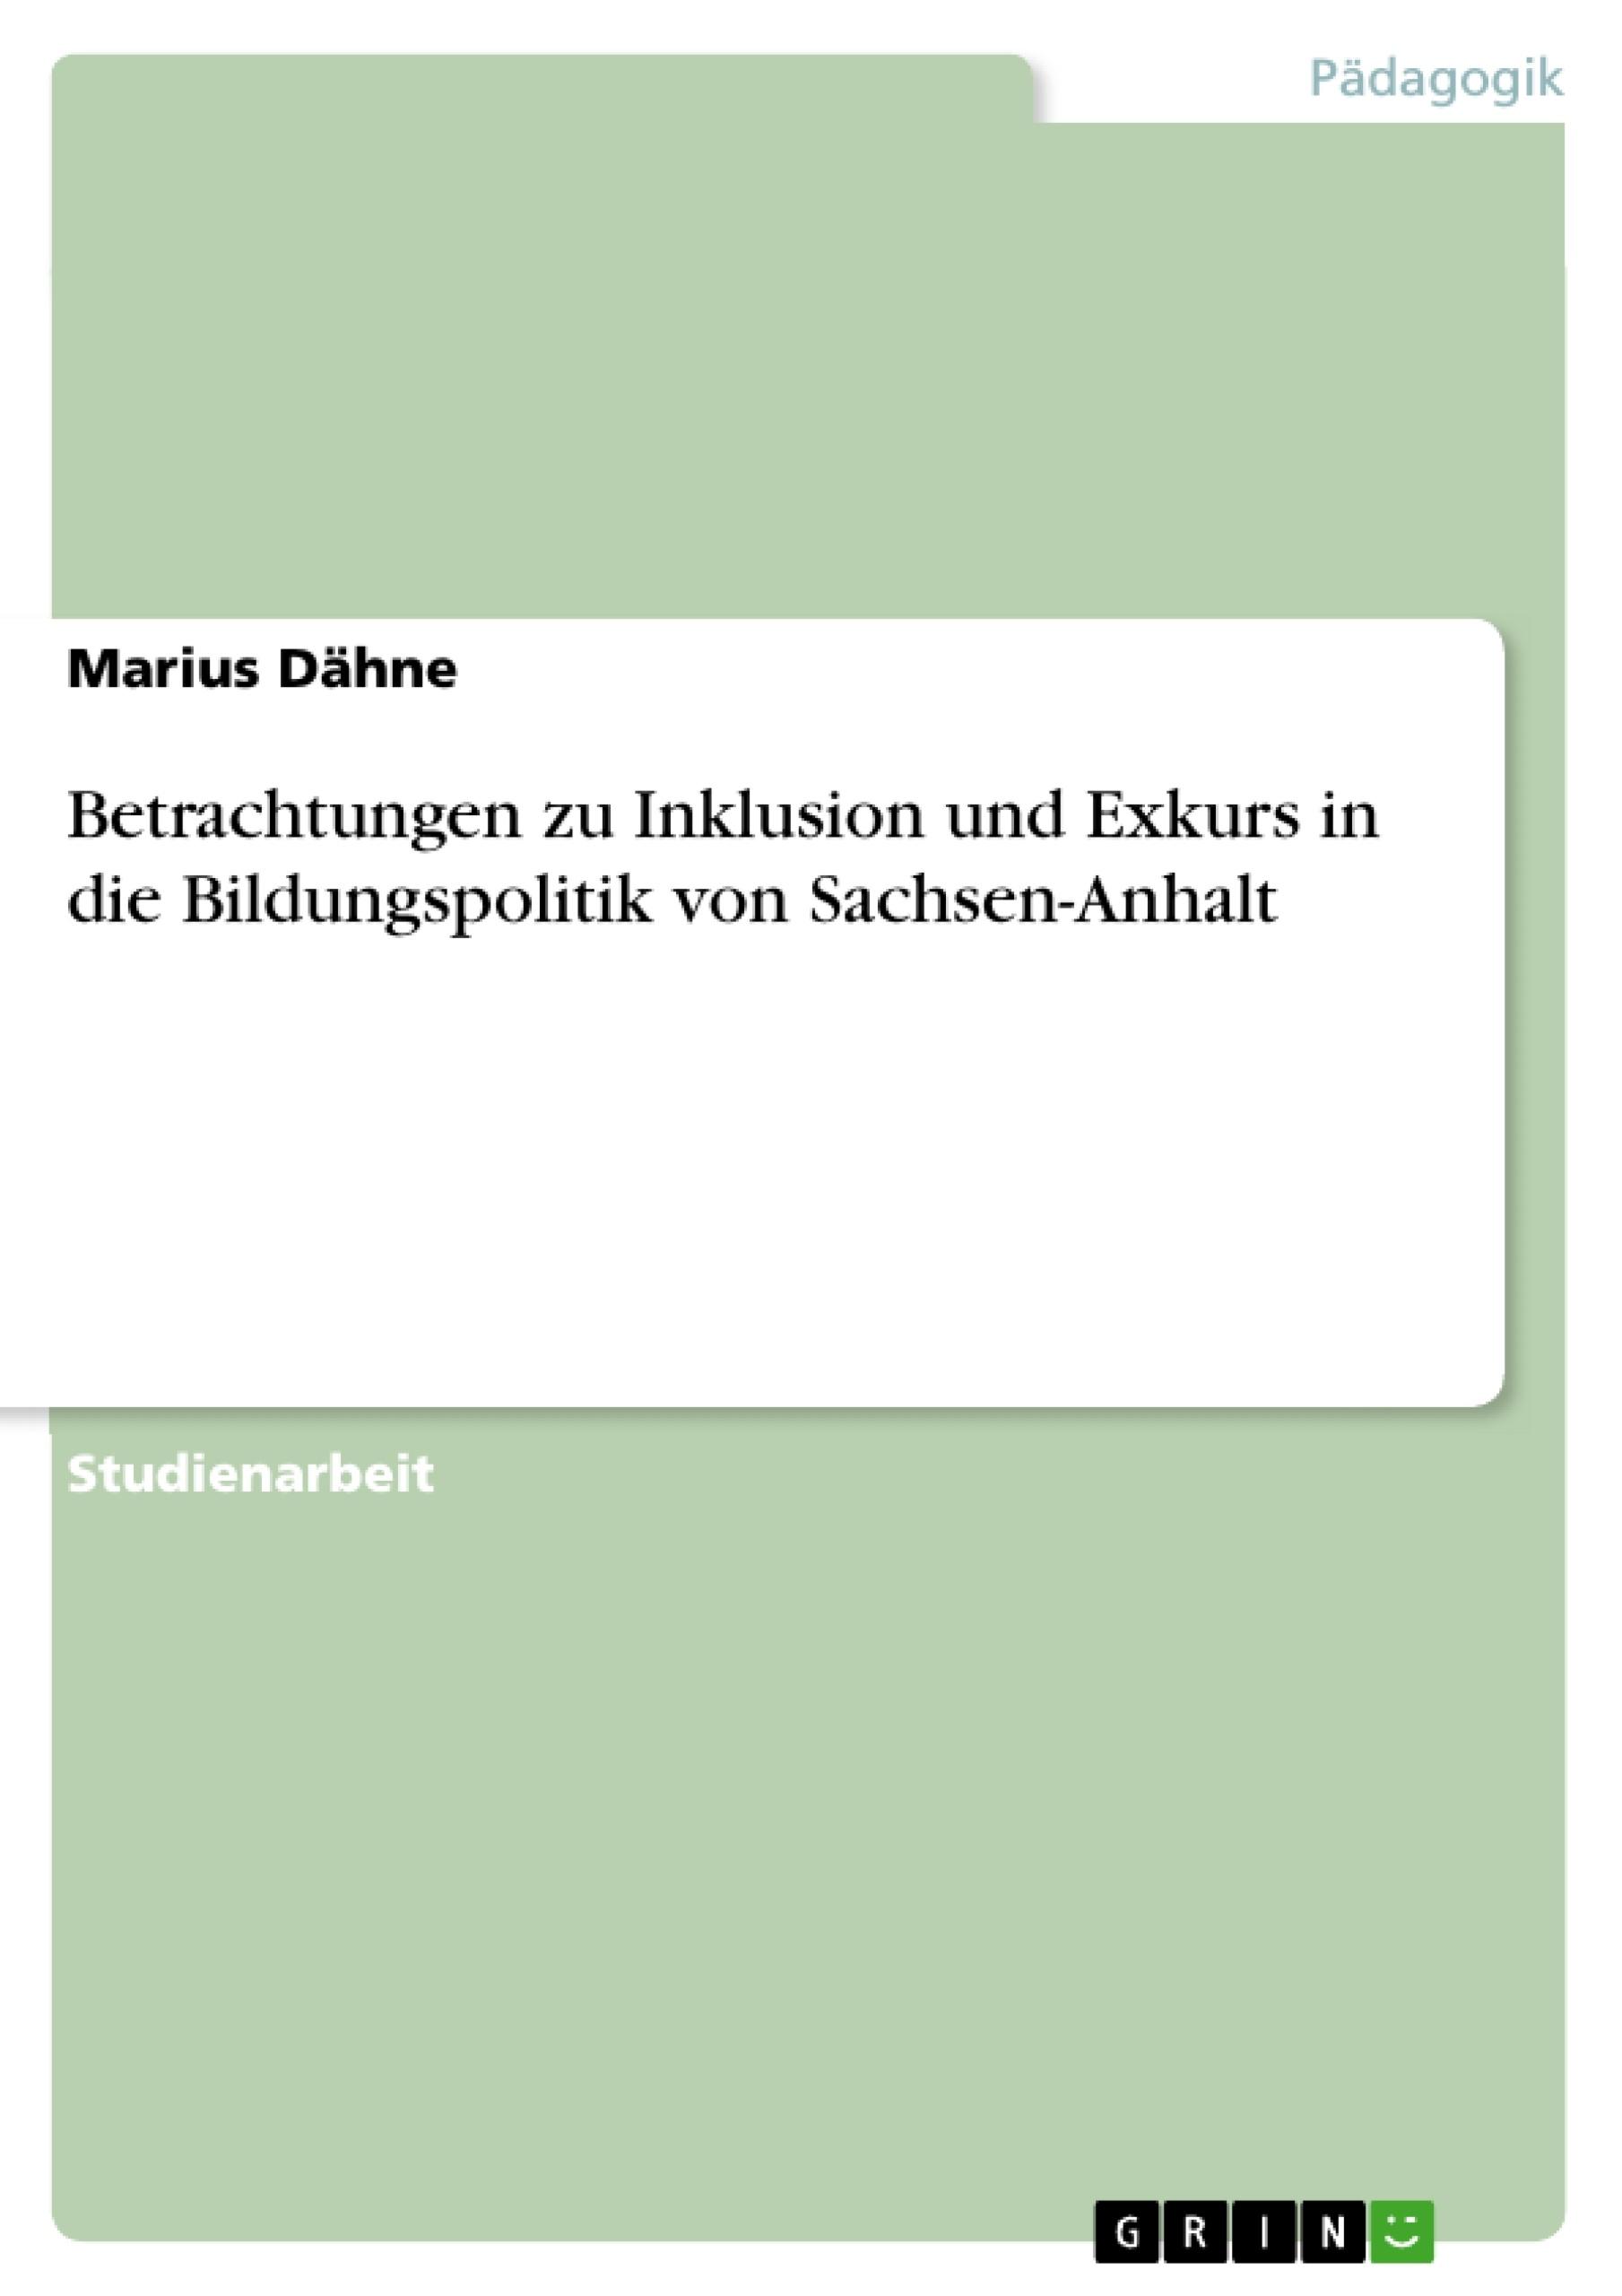 Titel: Betrachtungen zu Inklusion und Exkurs in die Bildungspolitik von Sachsen-Anhalt